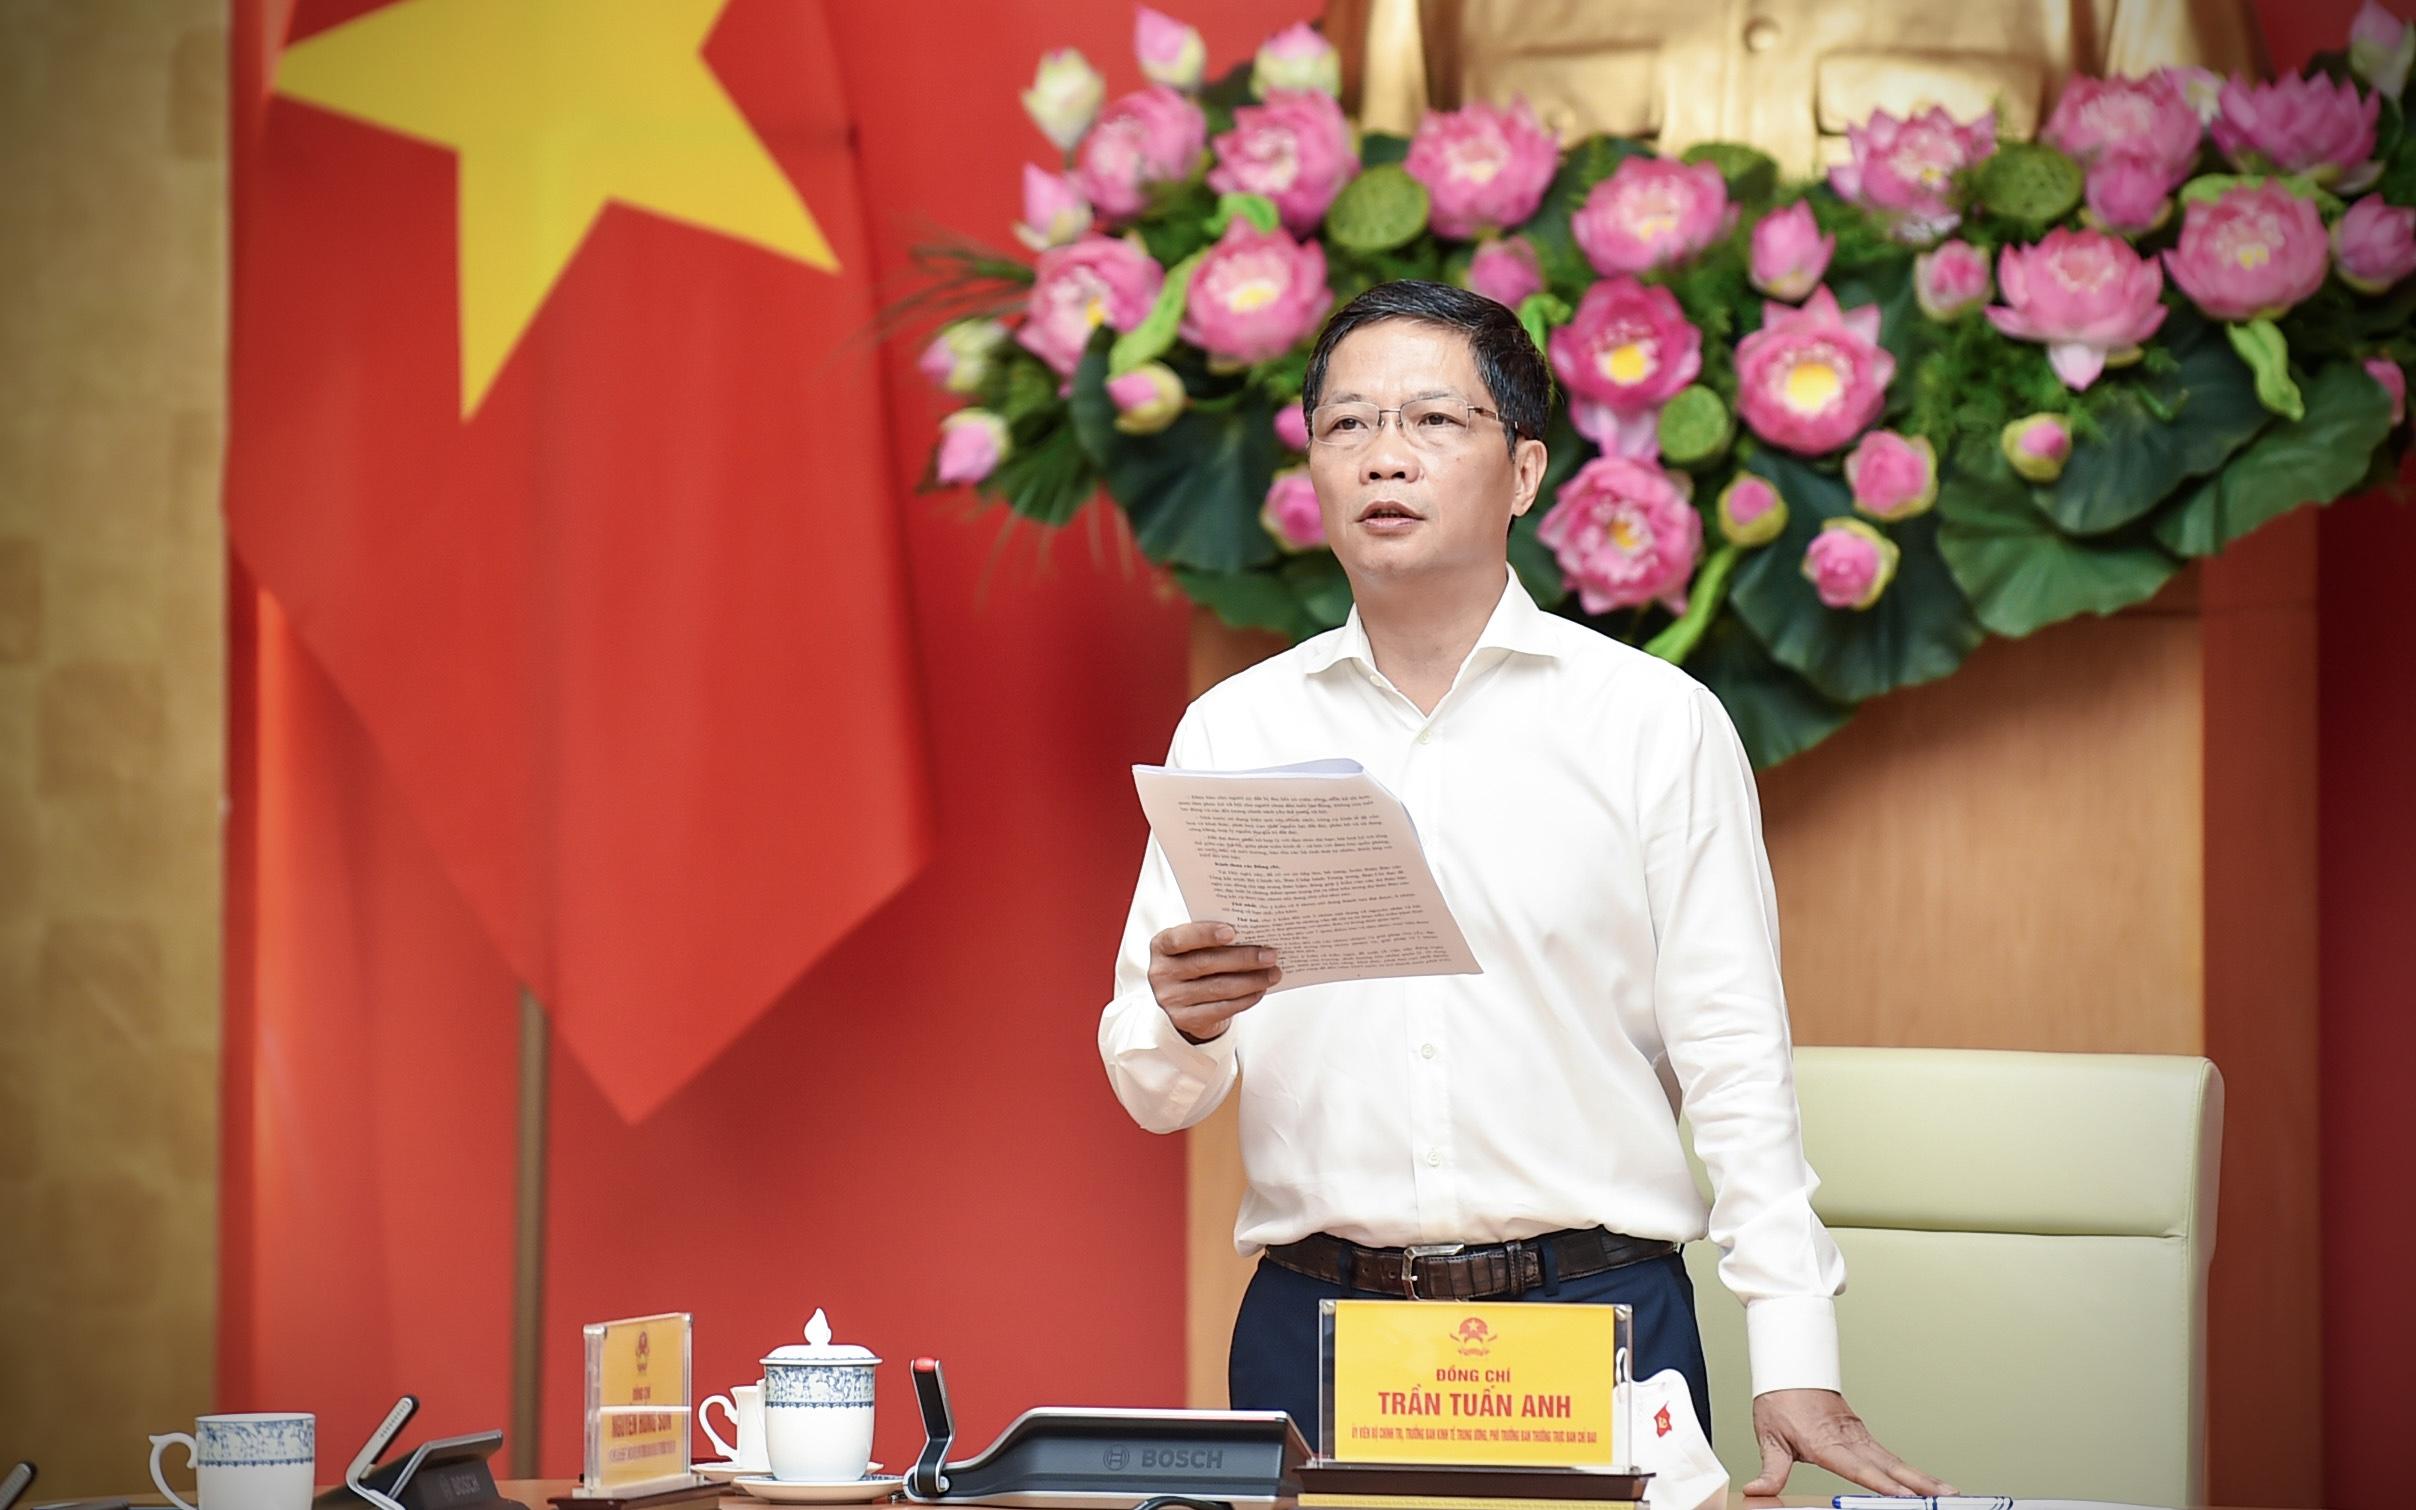 Thủ tướng Phạm Minh Chính: Cần phát huy cao nhất nguồn lực đất đai cho phát triển Đất nước